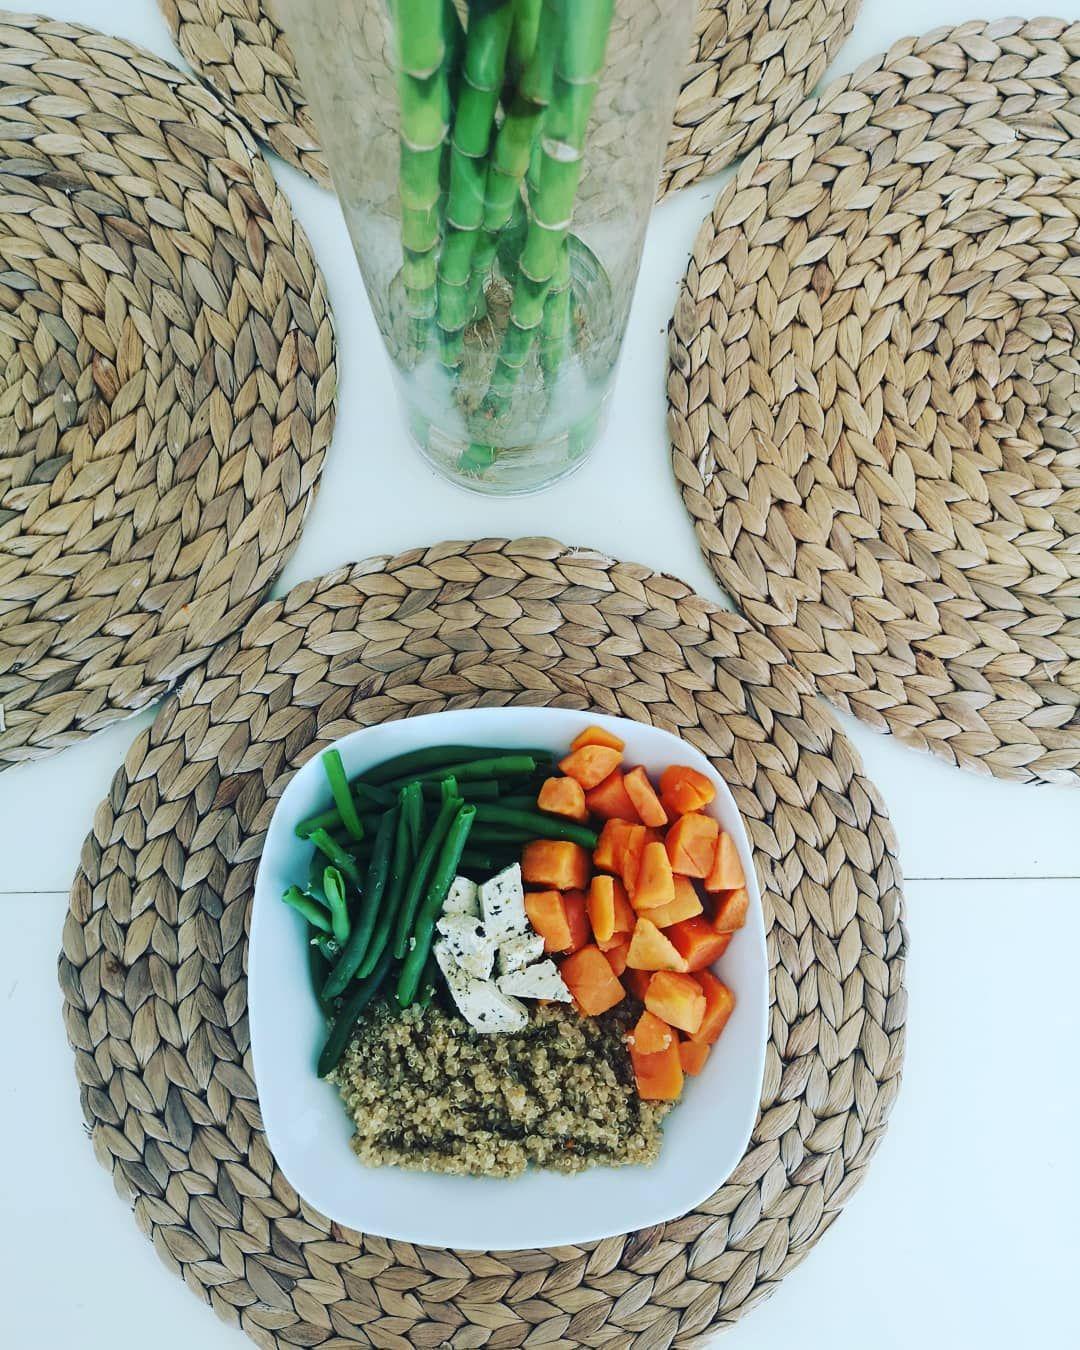 Repas végétarien 🌿simple et rapide.  Haricots verts, dès de patate douce... Quinoa et tofu pour l'apport en protéine. Tofu ; 12g/100g de prot' Quinoa : 13g/100g de prot 🤓 Pour un tofu moins fade, le choisir aromatisé aux herbes, aux olives, au curry, au poivre...